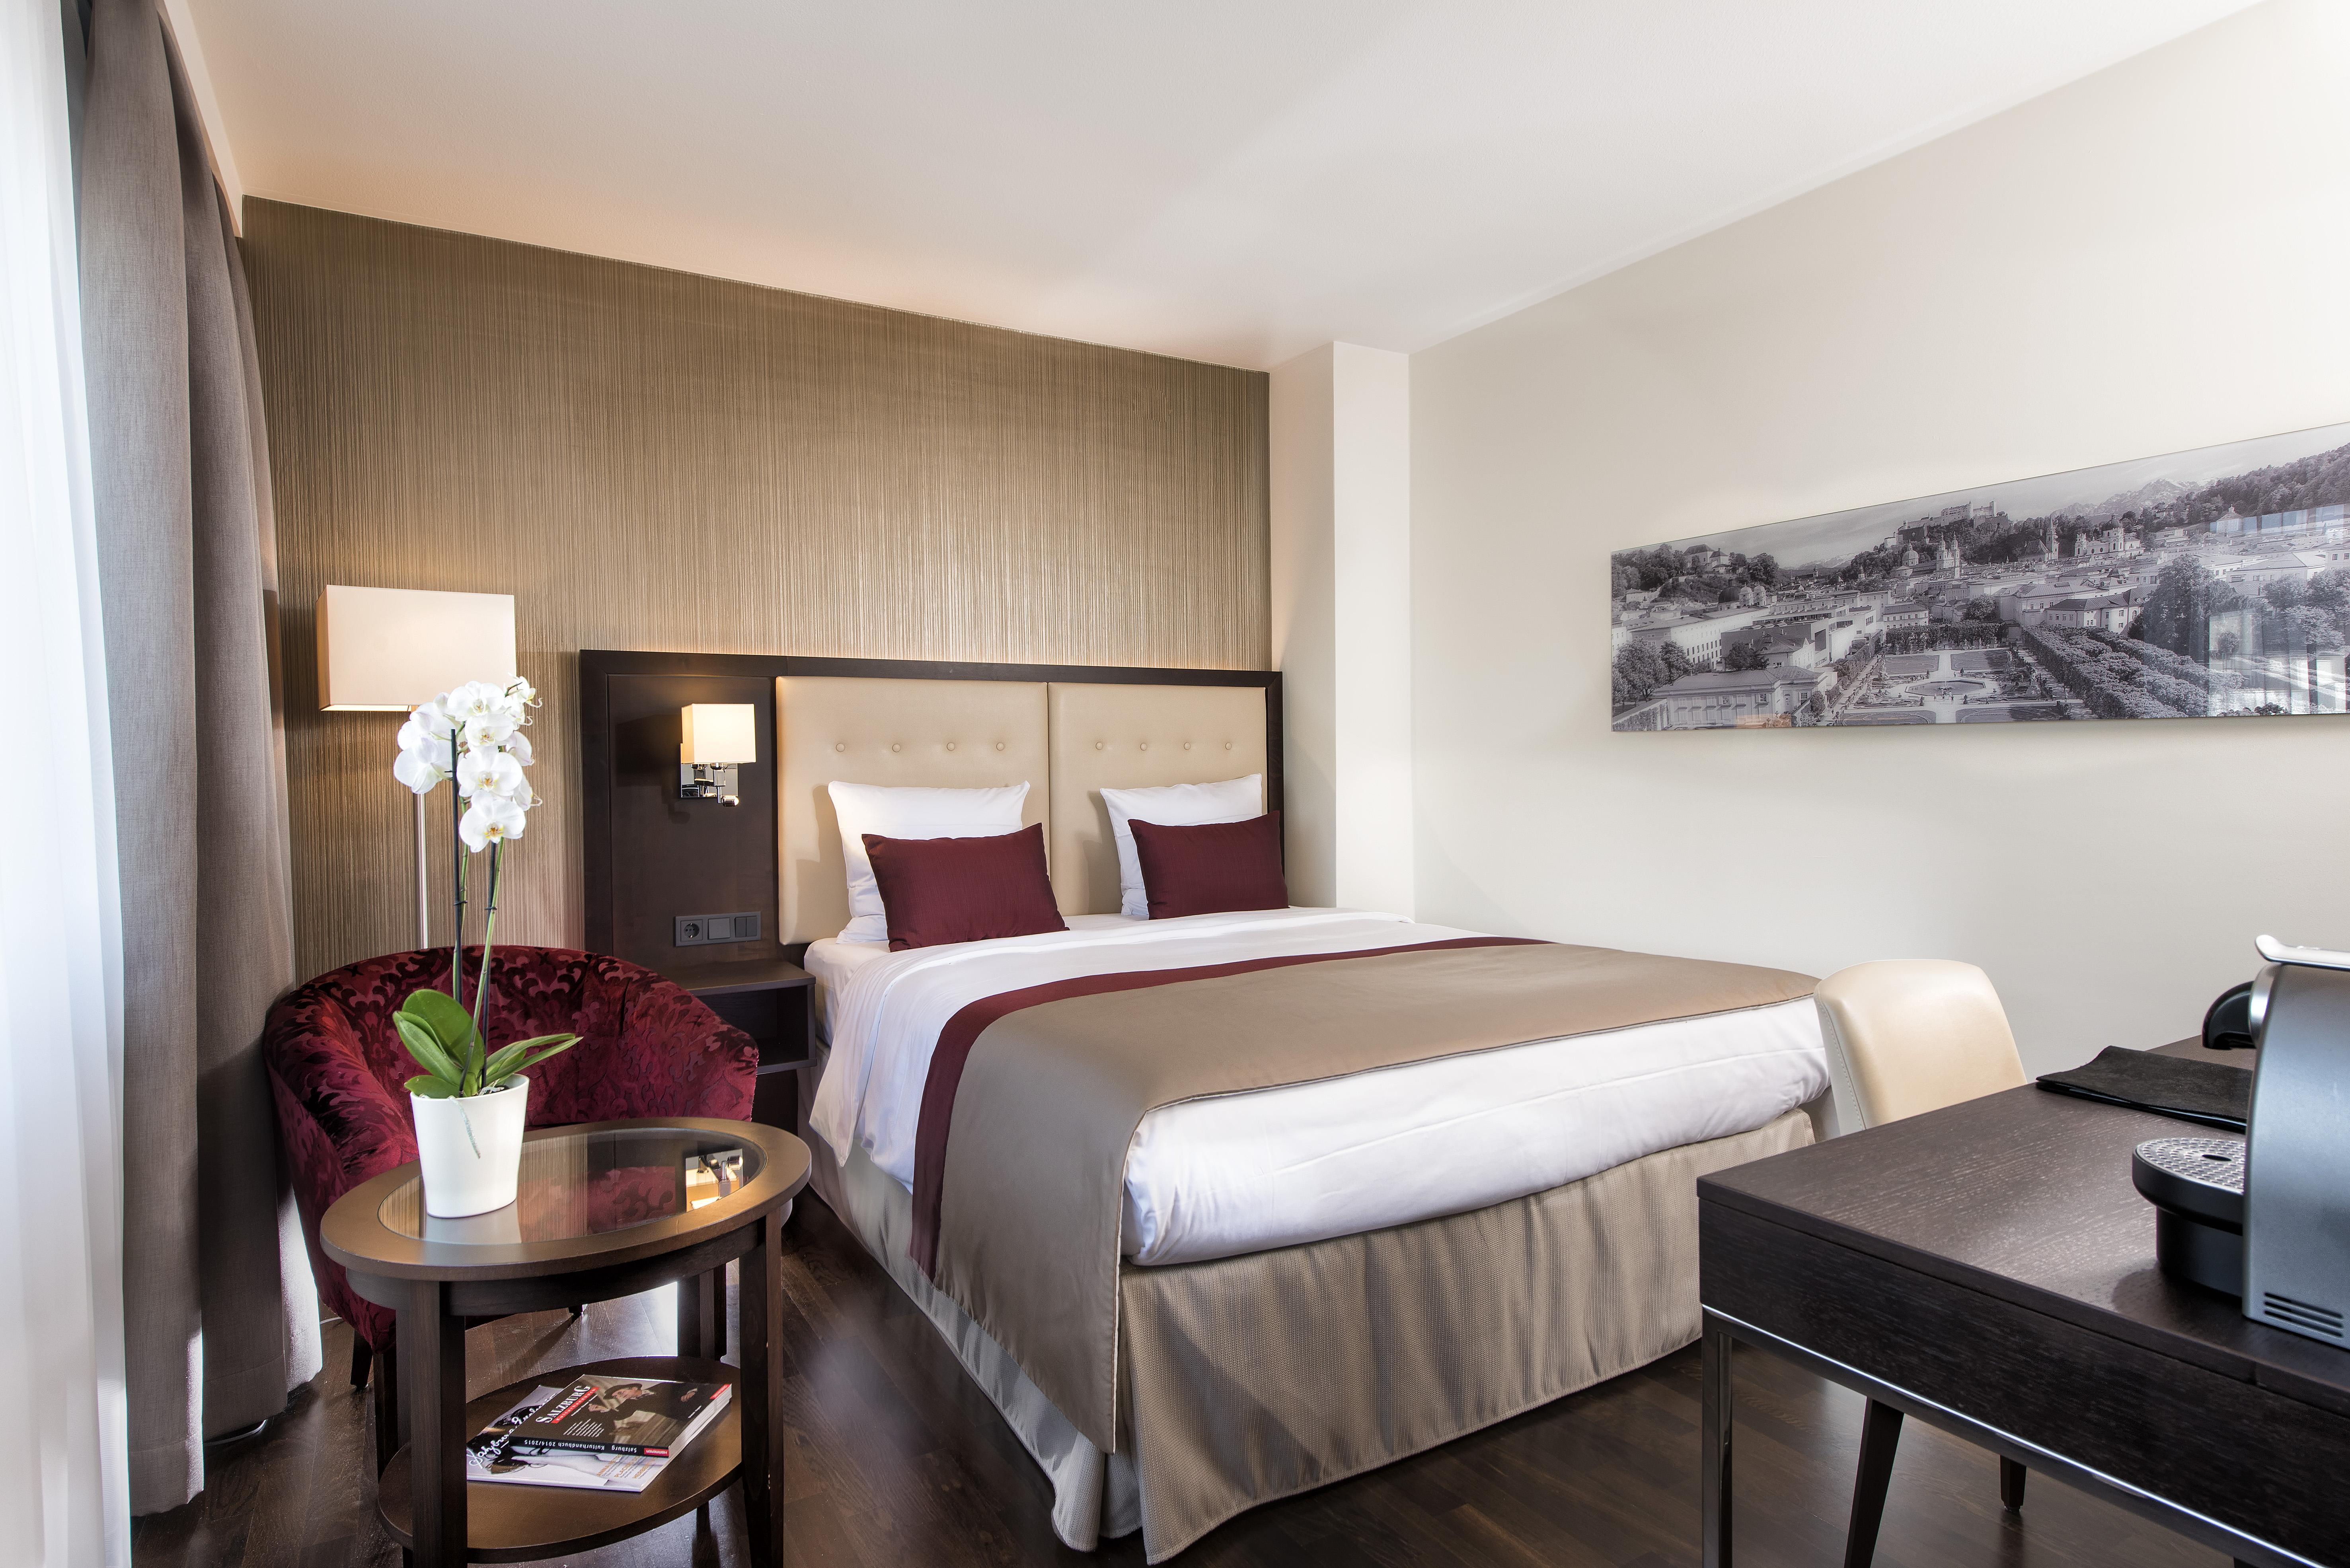 Wyndham grand hotel salzburg conference centre zentrales hotel salzburg - Berliner zimmer ...